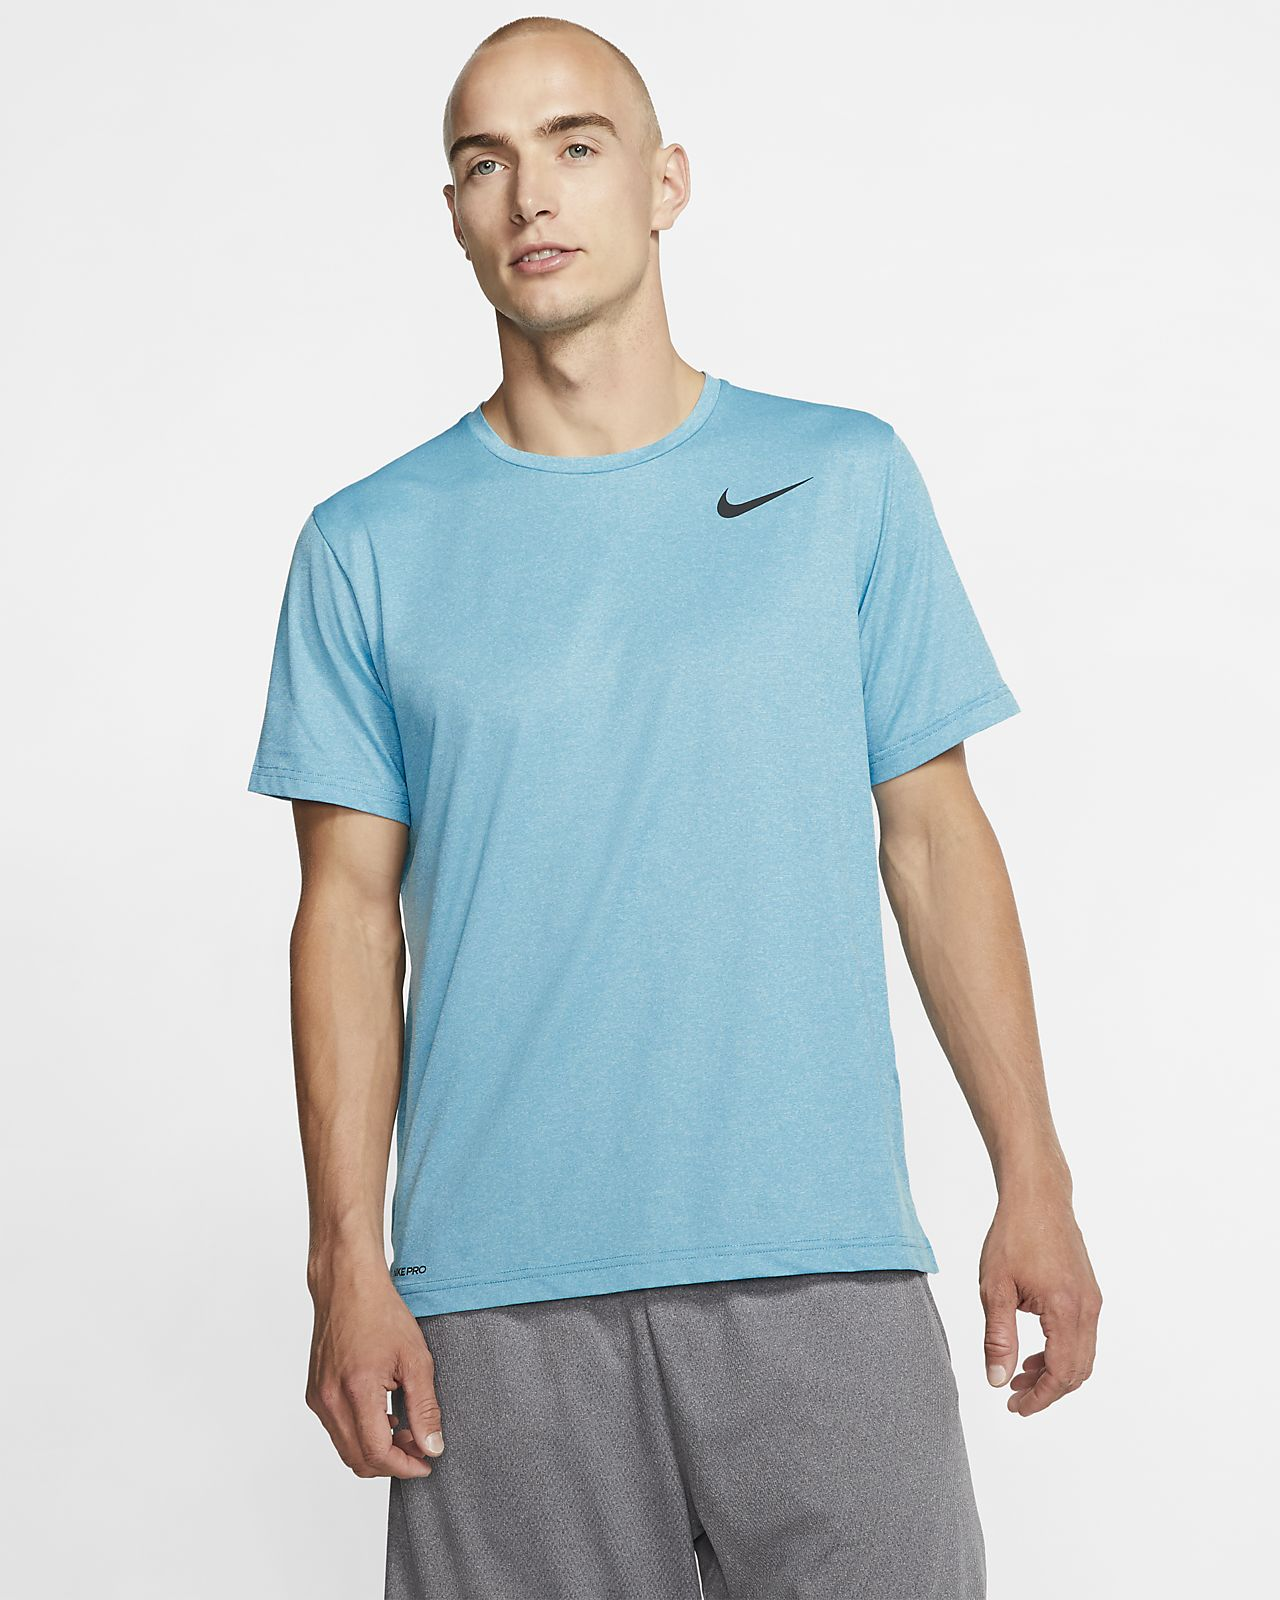 Ανδρική κοντομάνικη μπλούζα Nike Pro